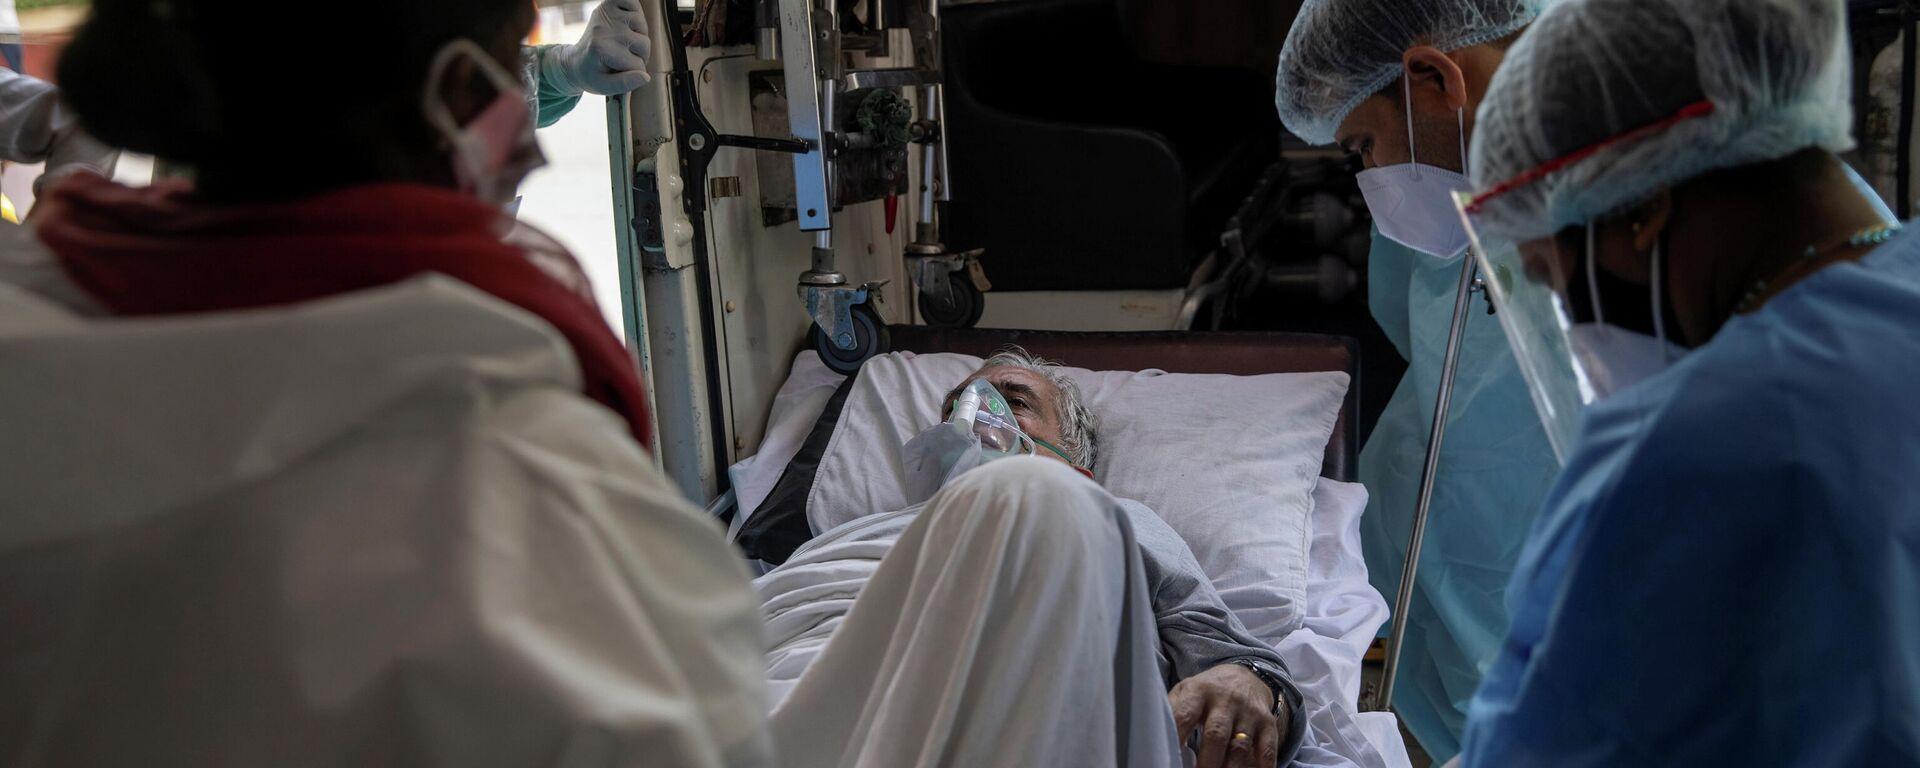 Paziente Covid in un ospedale in India - Sputnik Italia, 1920, 27.05.2021